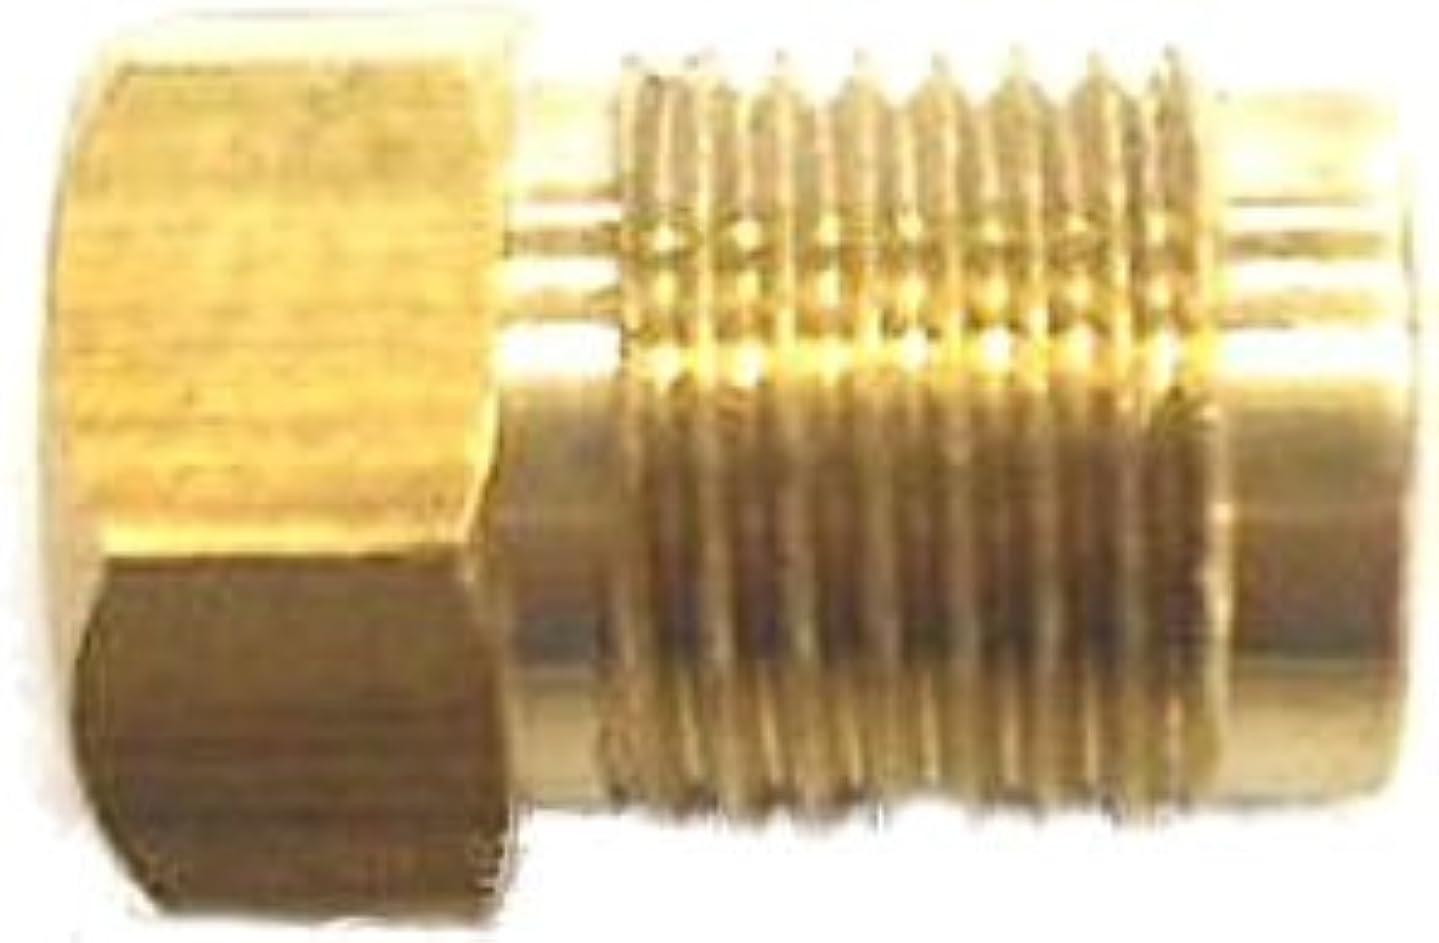 モロニック電化する早いOPTIMUS(オプティマス) スタッフィングボックス No.123Rスベア用(2194) 1174